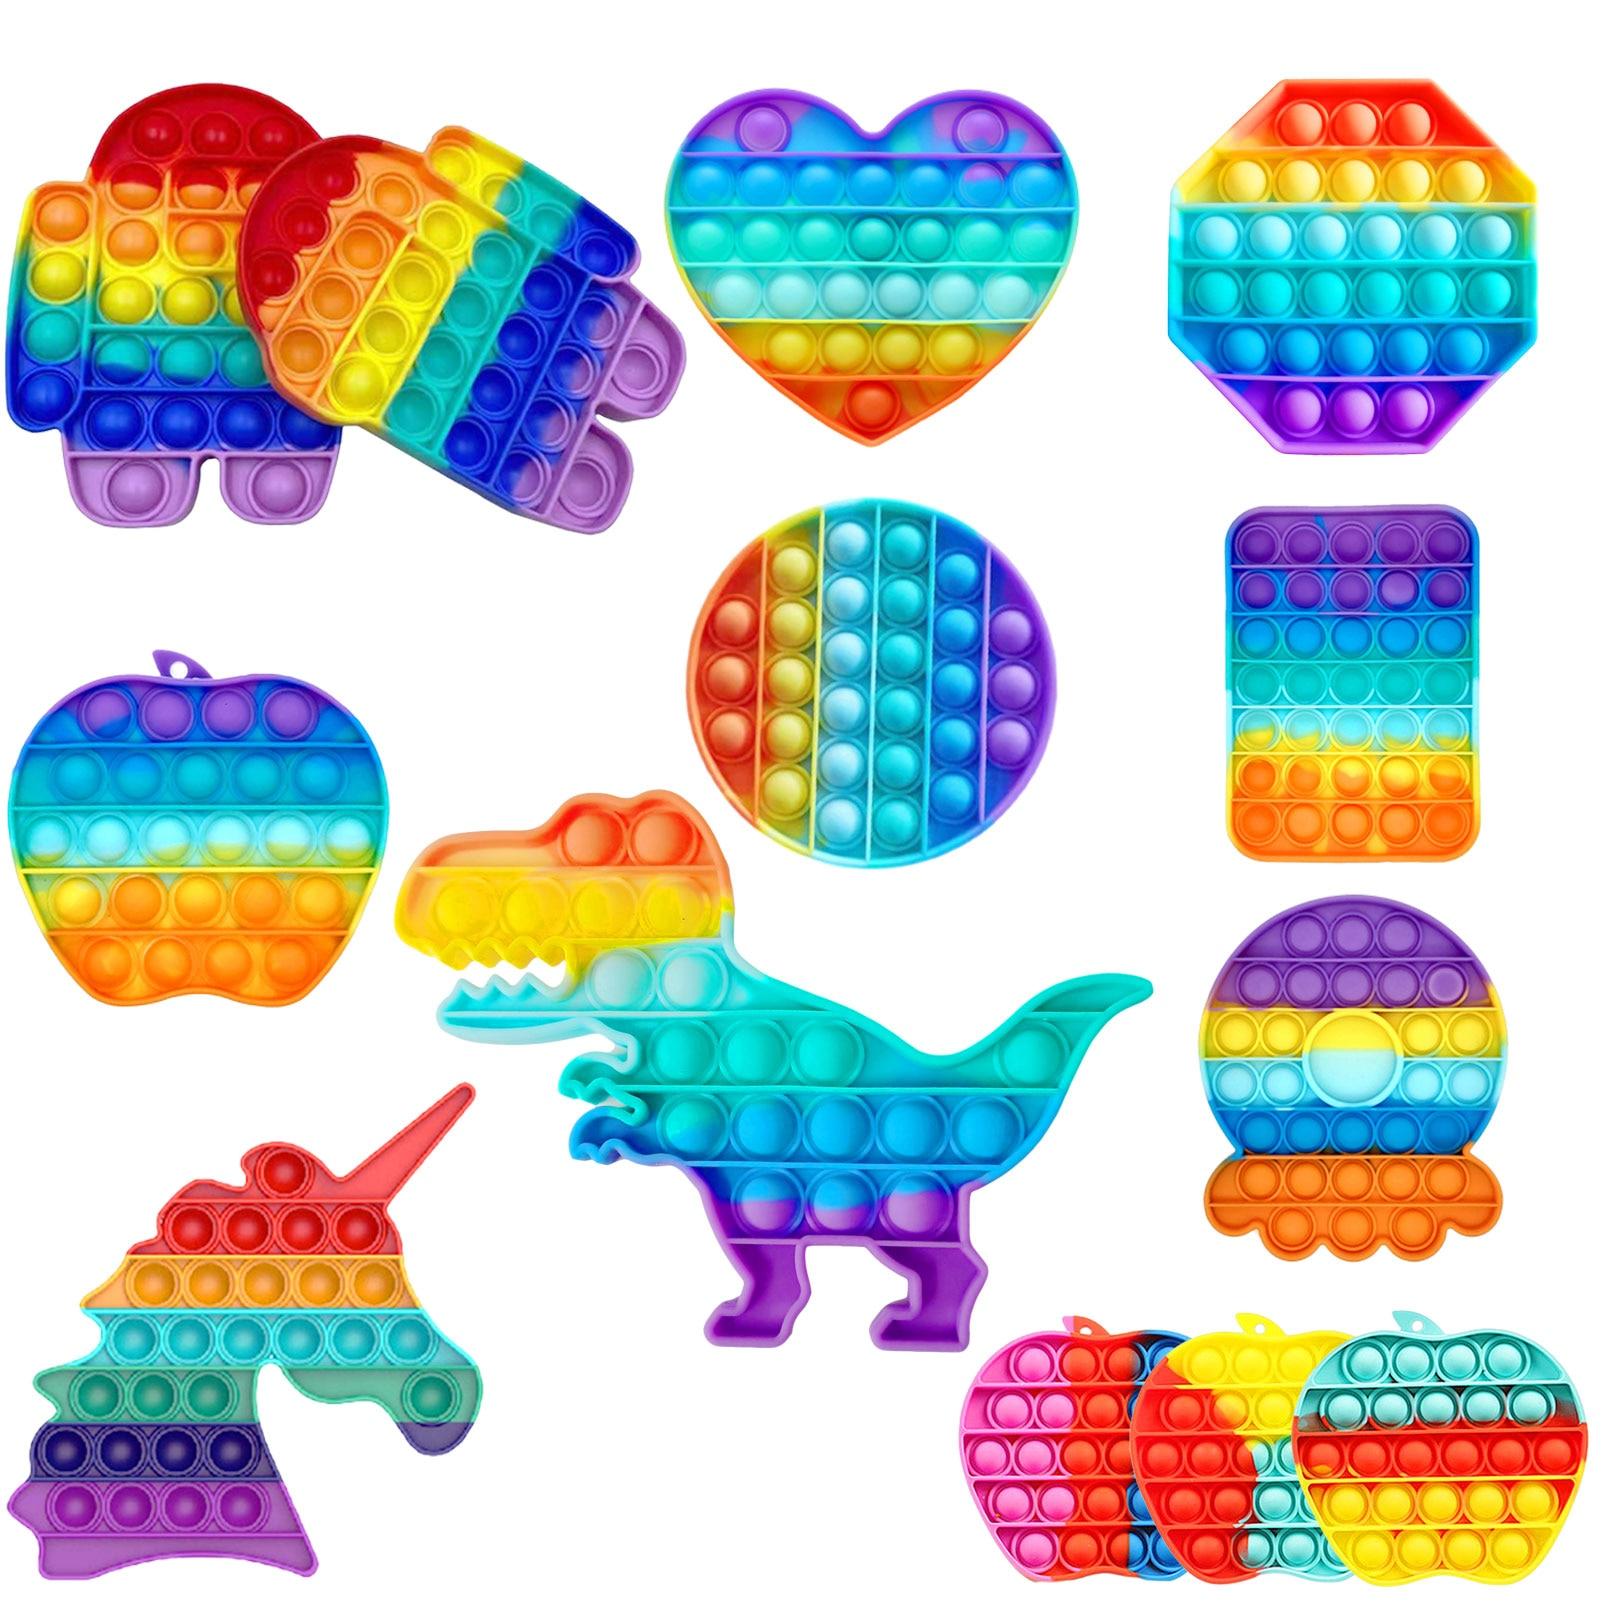 Arco-íris empurrar pop bolha fidget brinquedo sensorial autismo necessidades especiais pops fidget espremer engraçado anti-stress aliviar o estresse brinquedos